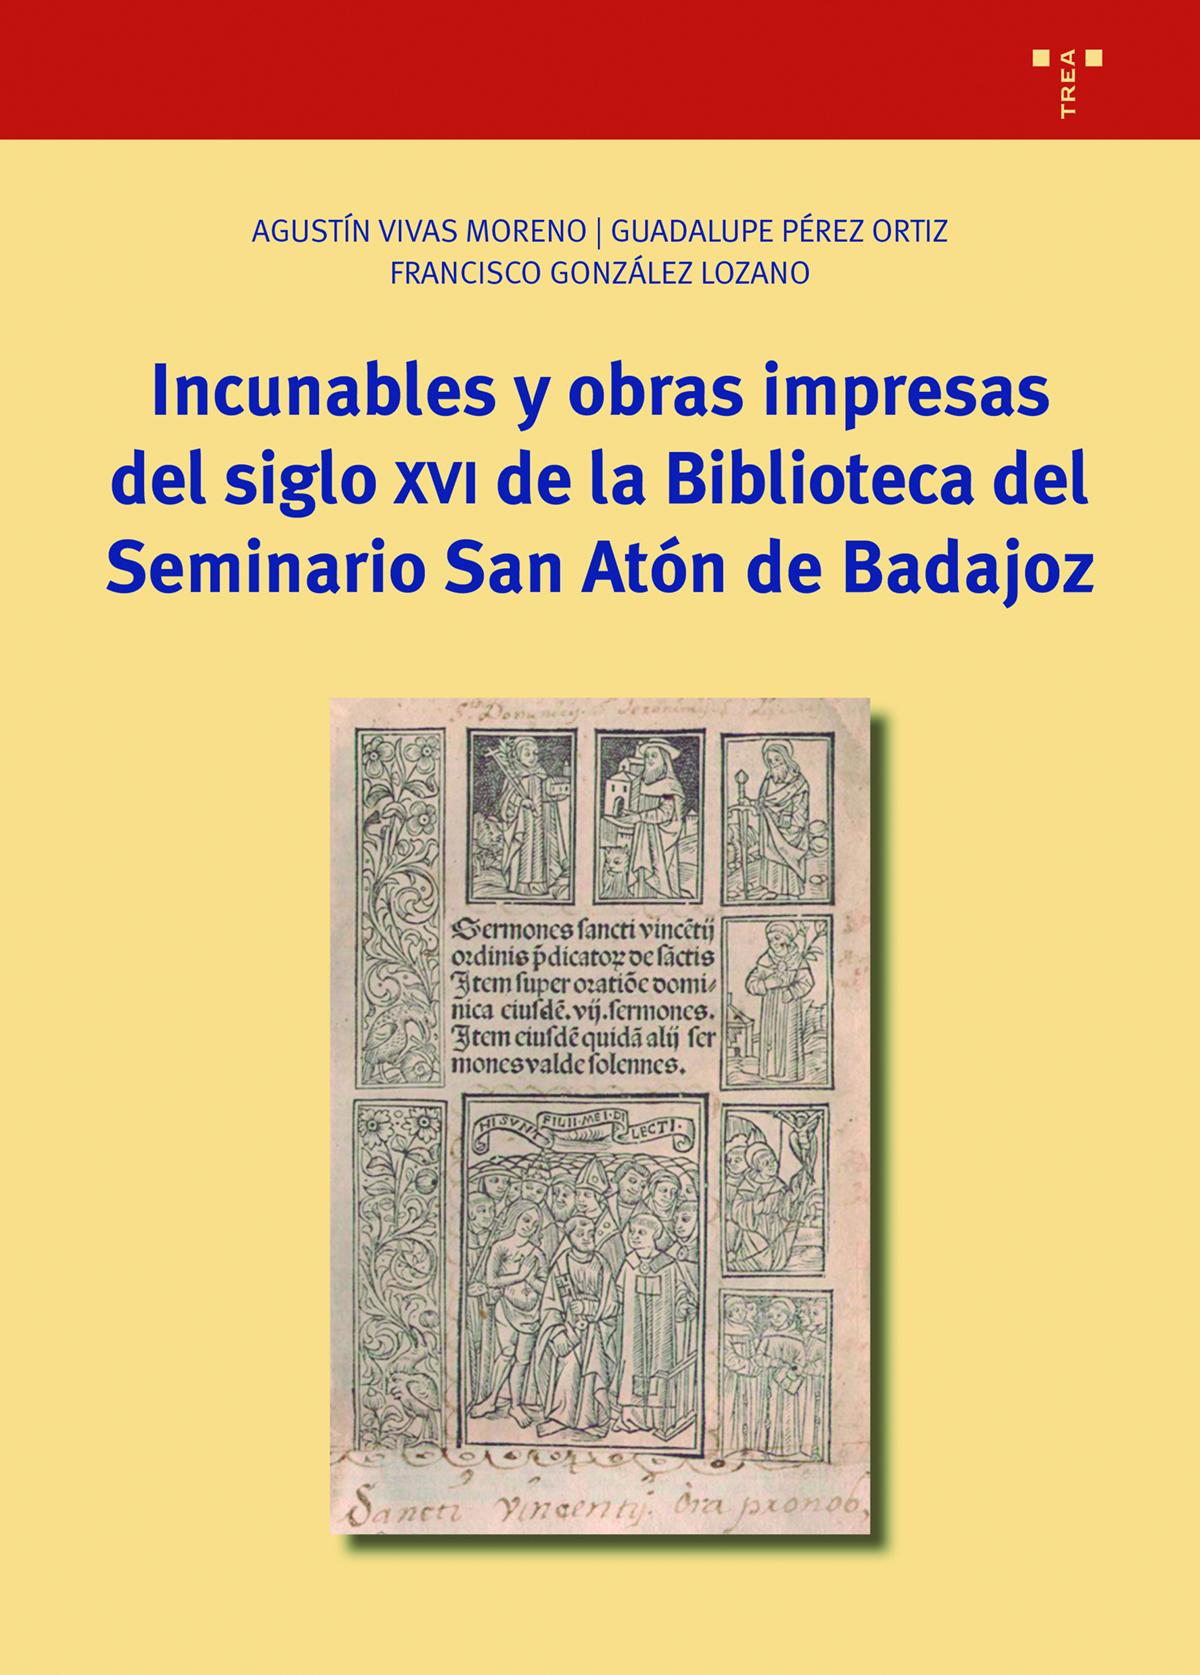 Incunables y obras impresas del siglo XVI de la Biblioteca del Seminario San Atón de Badajoz